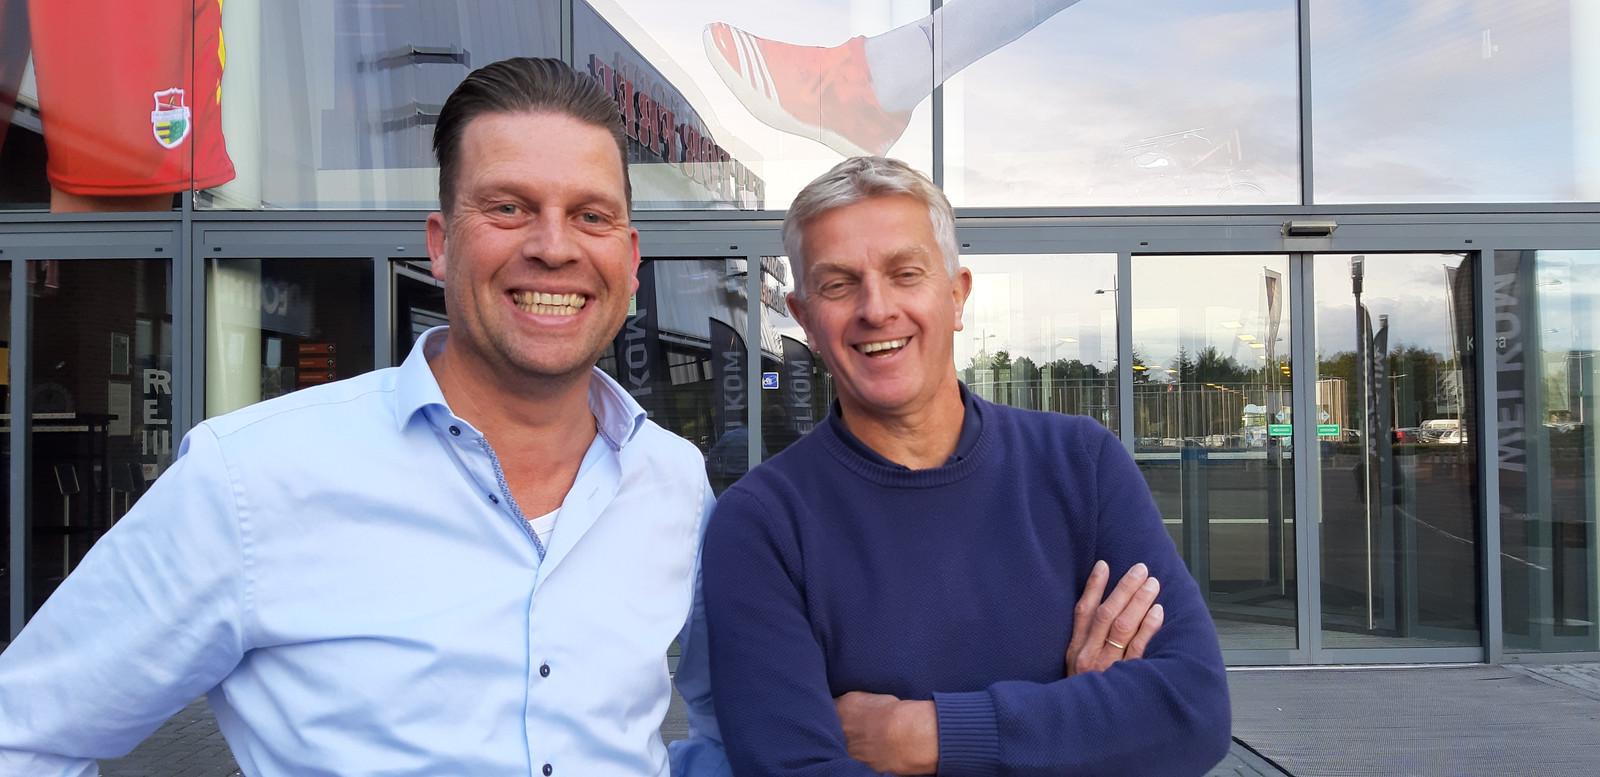 Arjan de Frens en Peter de Vries, bestuursleden van de Stichting Topvolleybal Dynamo en initiatiefnemers van het eerste Sportcafé.